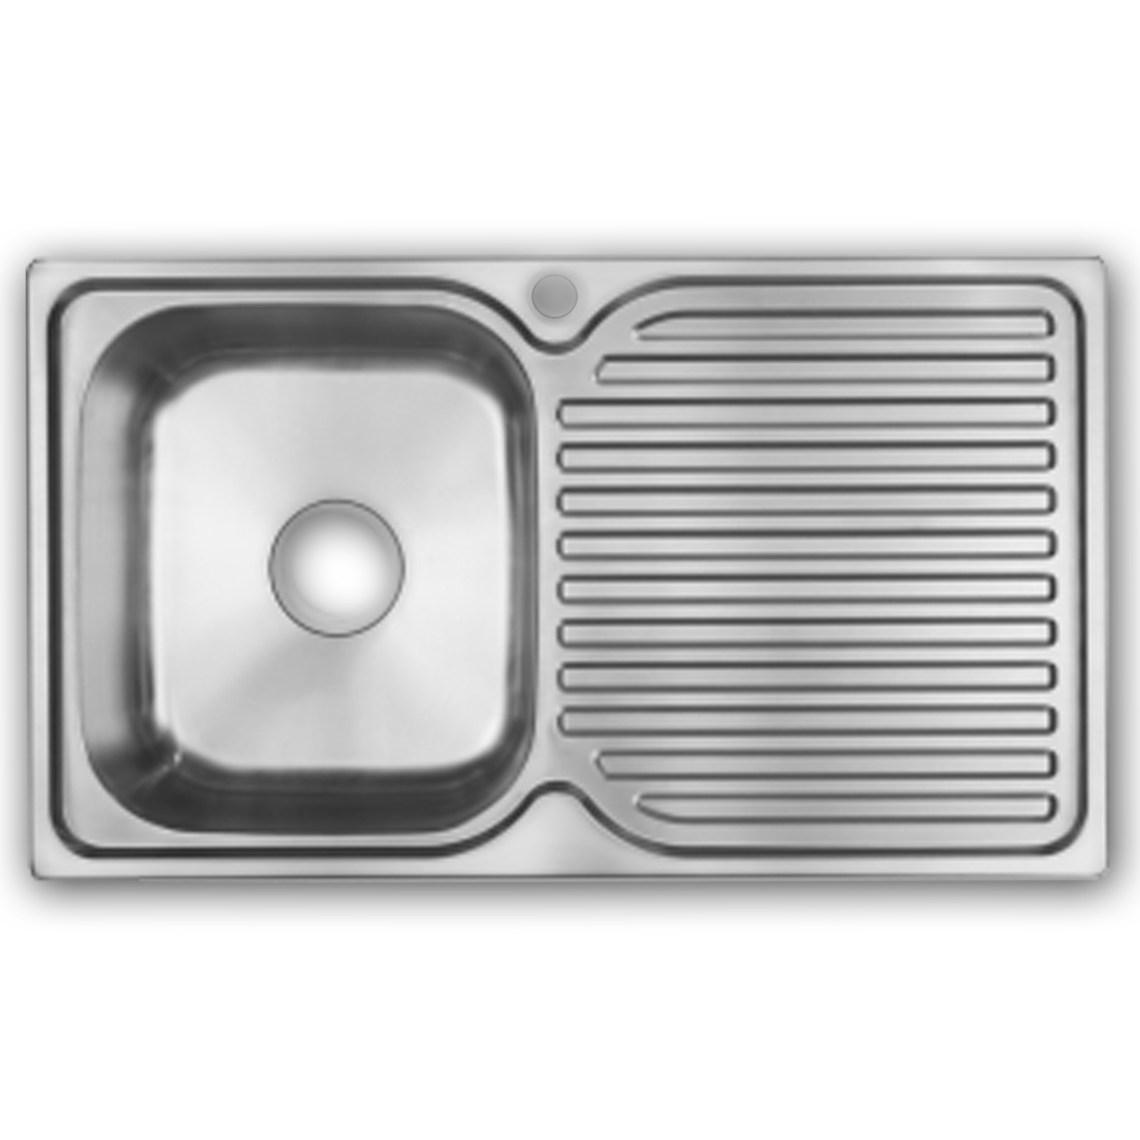 Kitchen Sink Philippines Design | Dandk Organizer